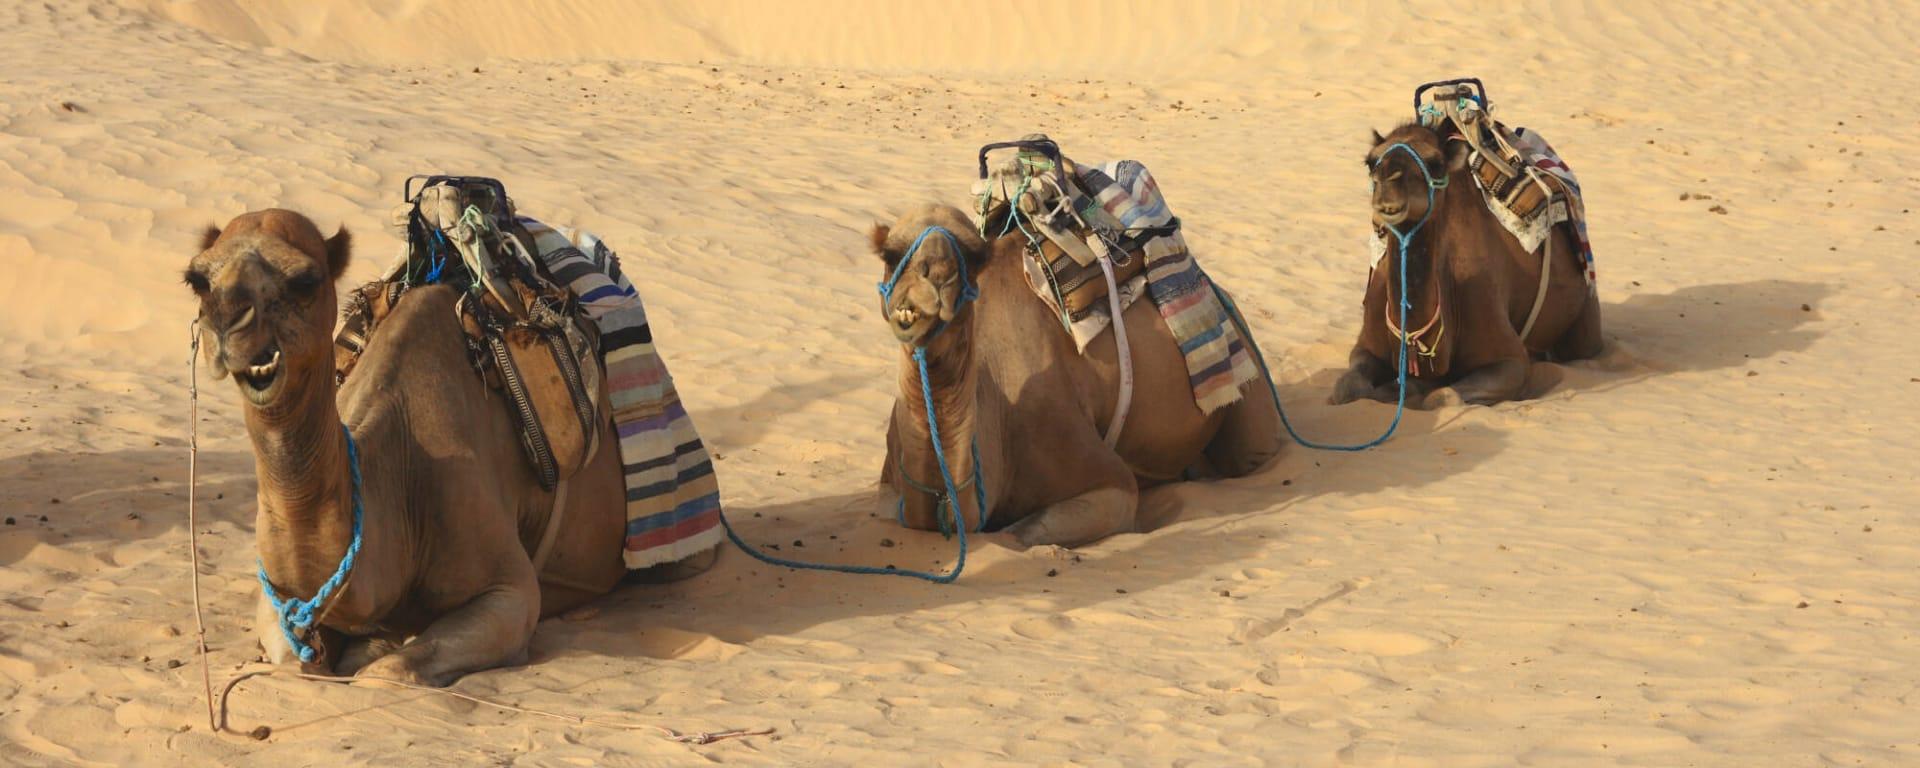 Bahrain entdecken mit Tischler Reisen: Bahrain Wüste Kamele